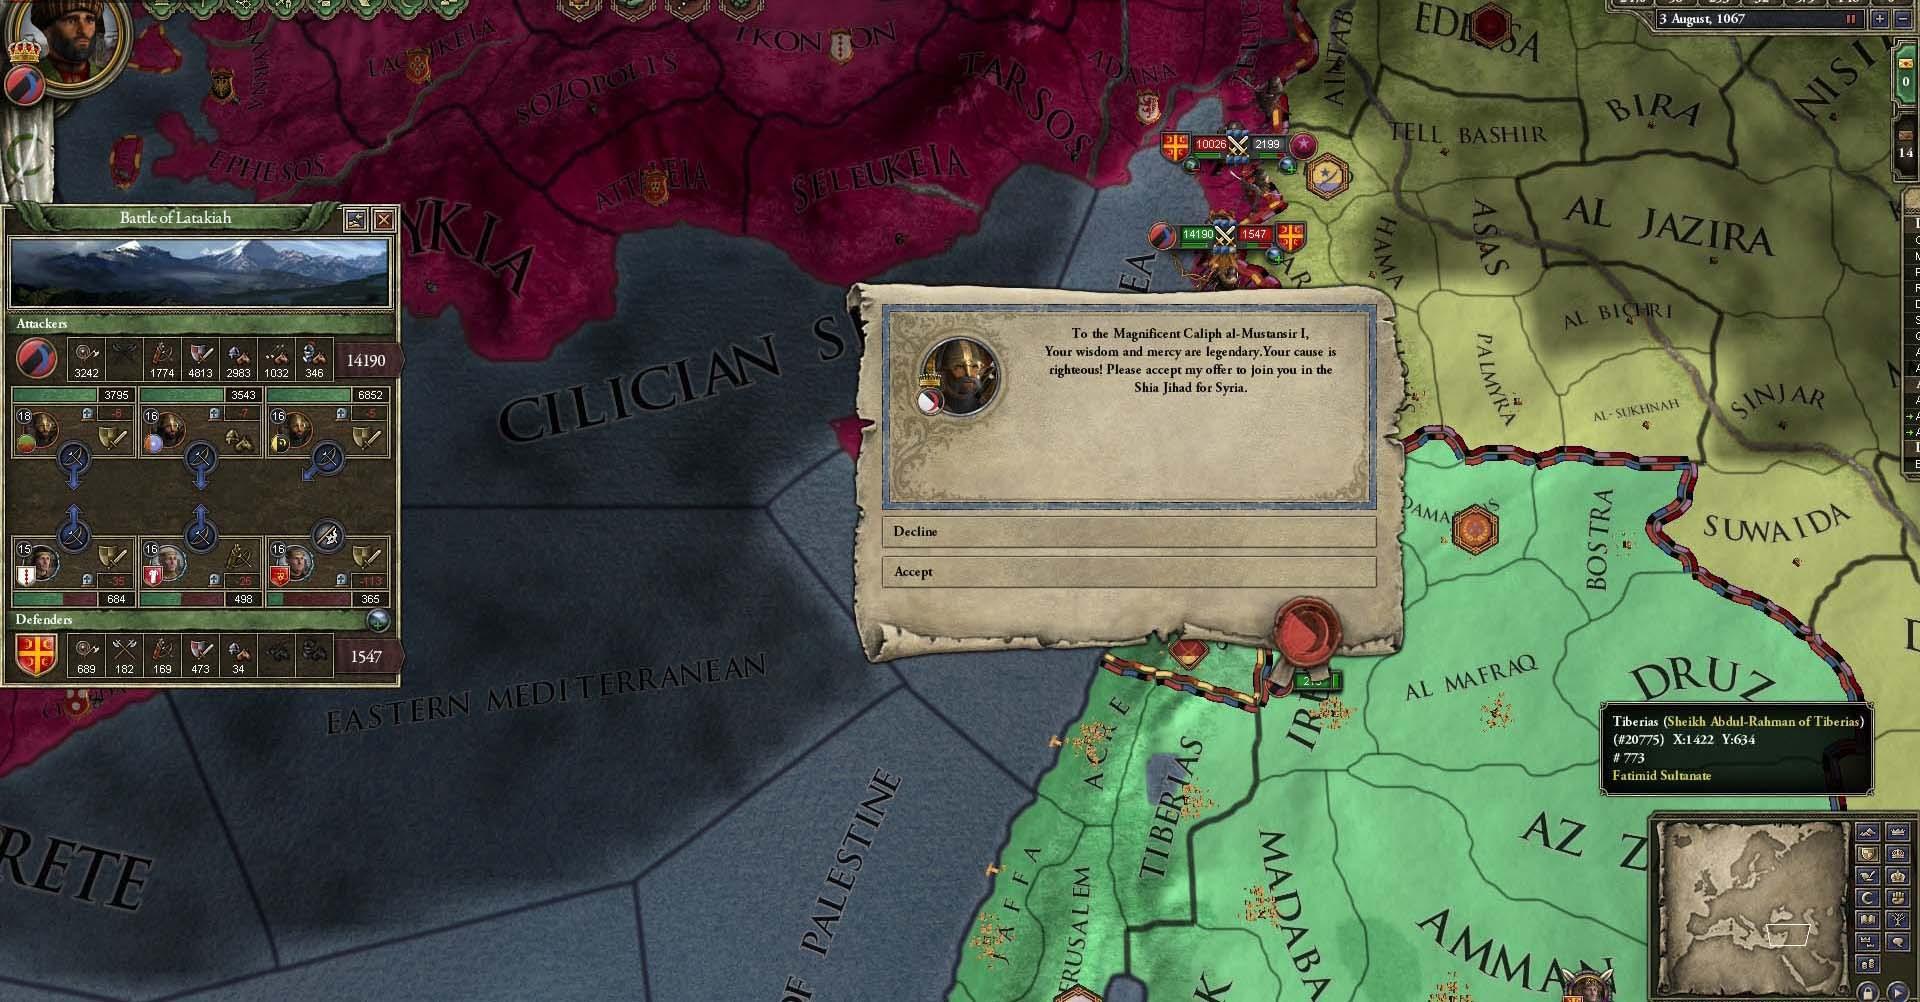 十字军之王2:全DLC整合版大图预览_十字军之